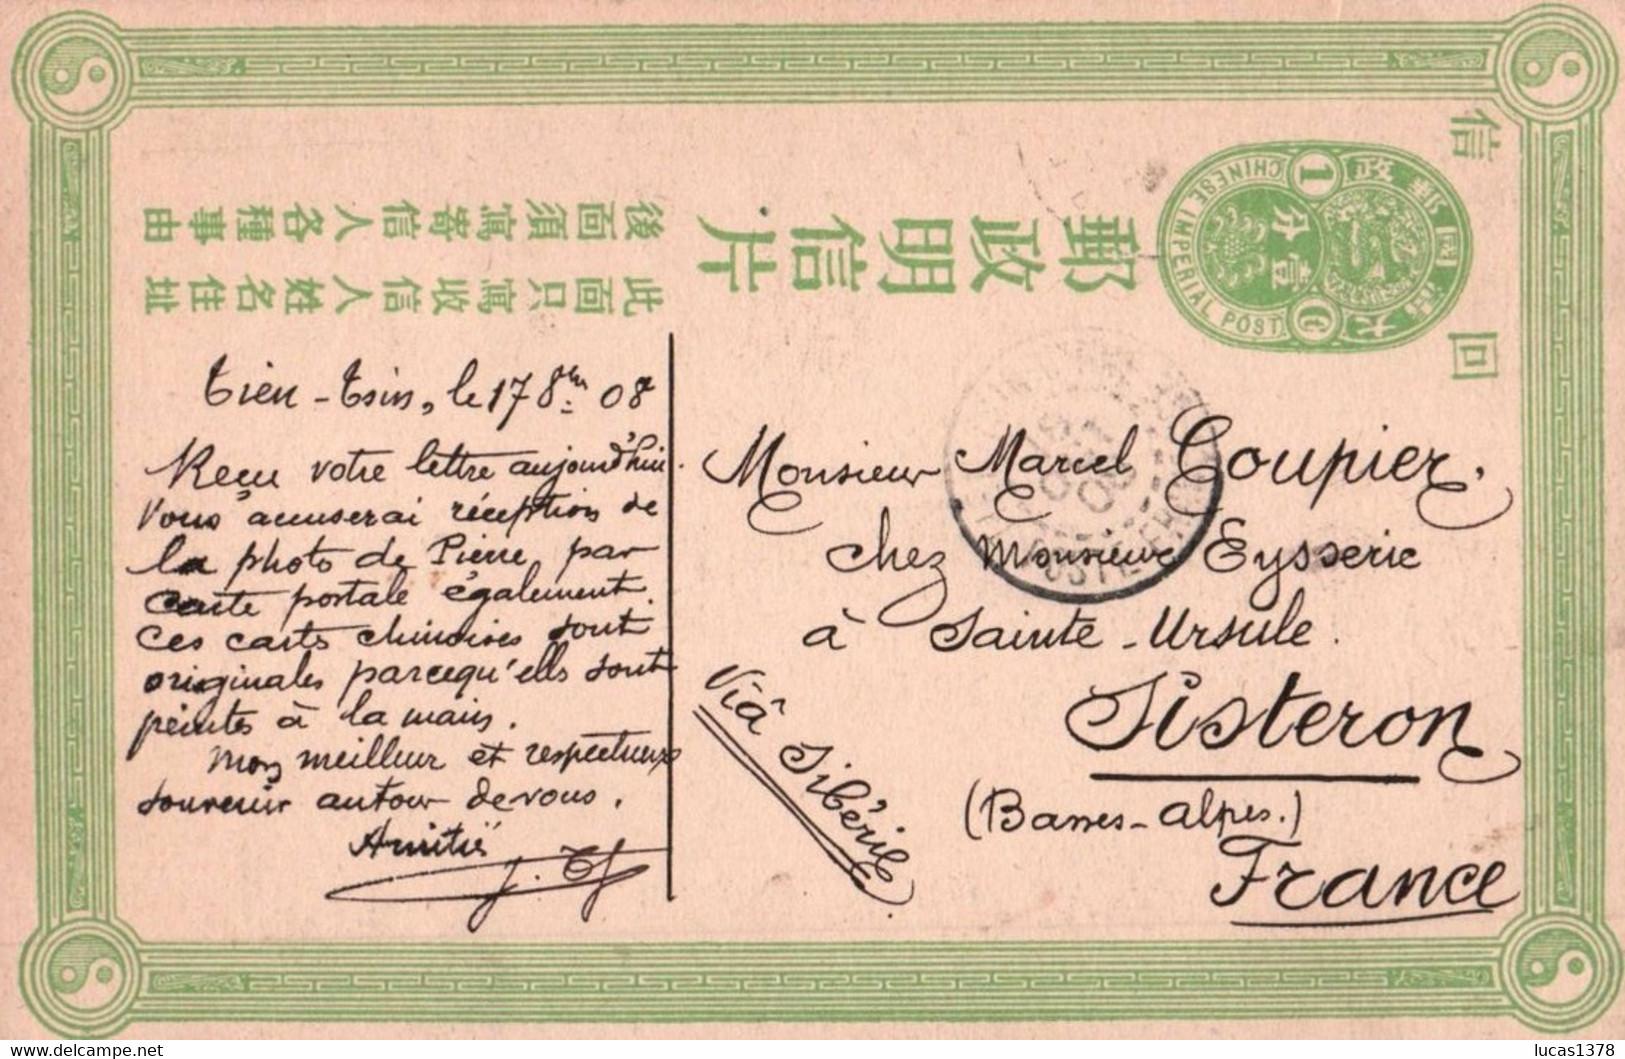 Chine - Rare CPA - Entier Postal - Ilustrée Aquarelle - Très Beaux Affranchissements Et Timbre / VIA SIBERIE - Cina